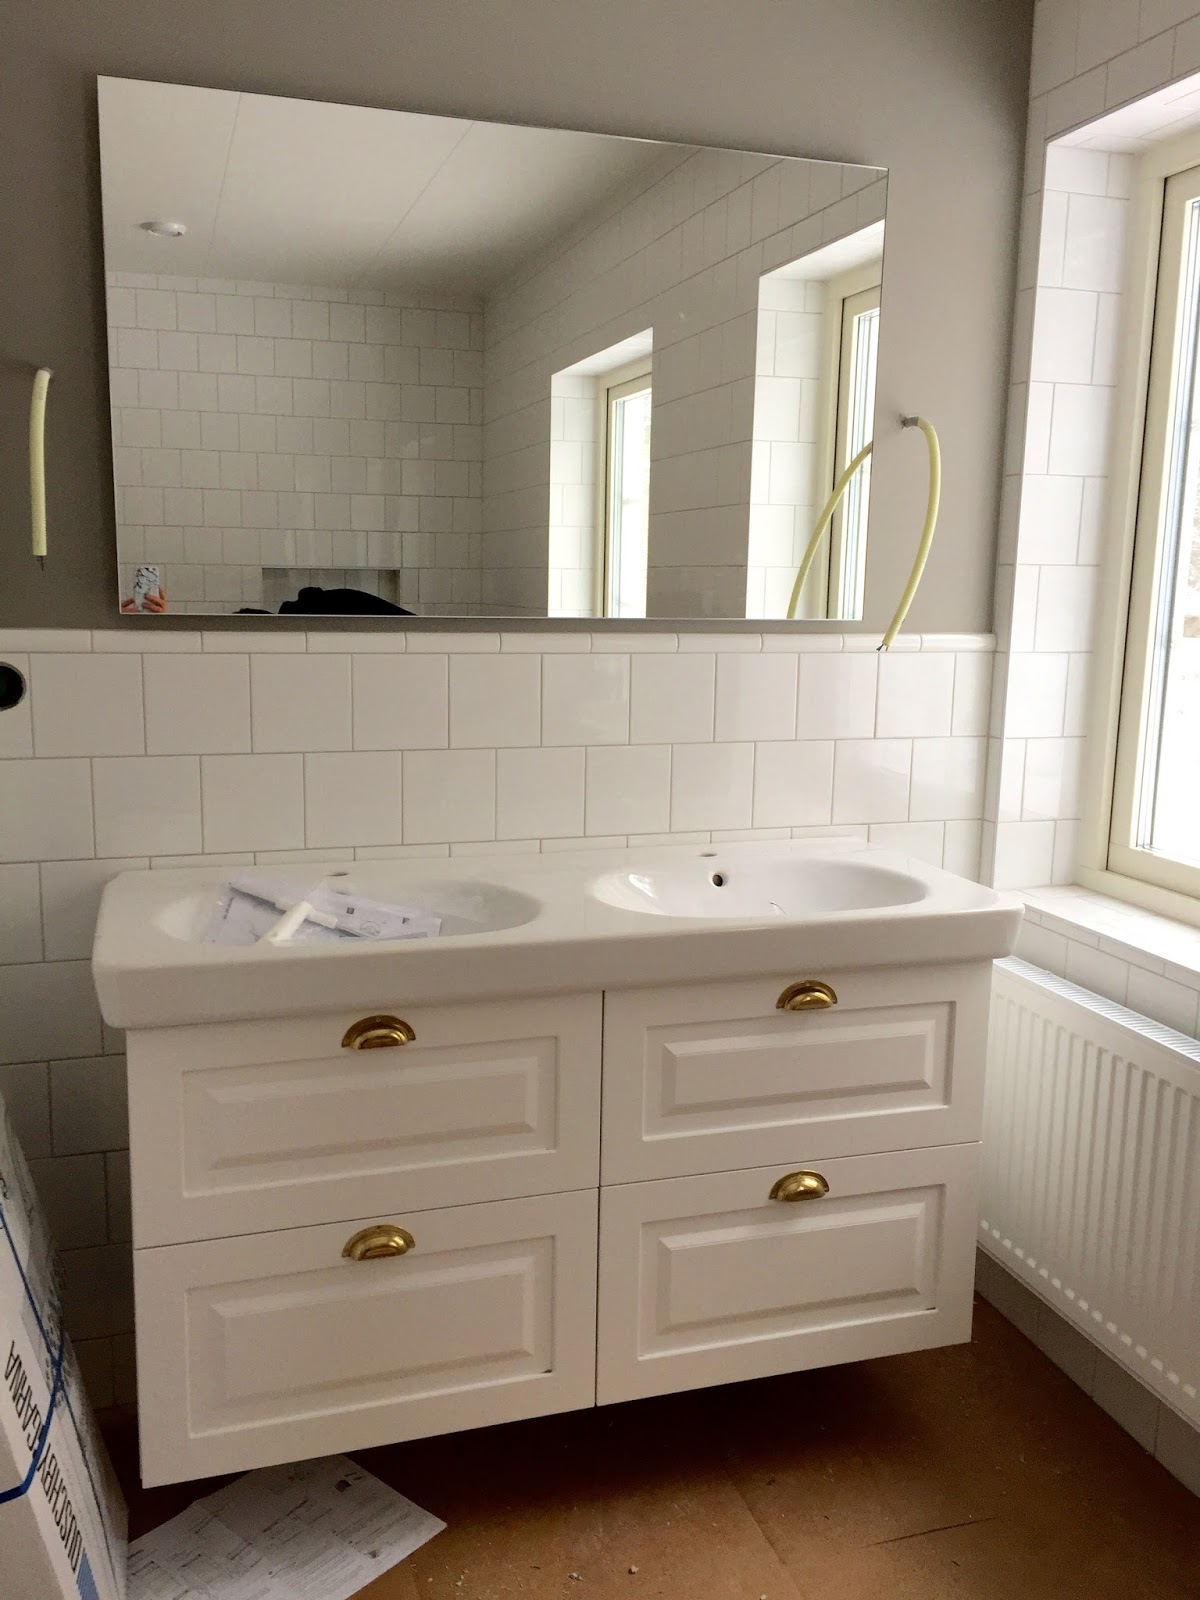 50 nyanser av vitt: uppdatering av badrummet